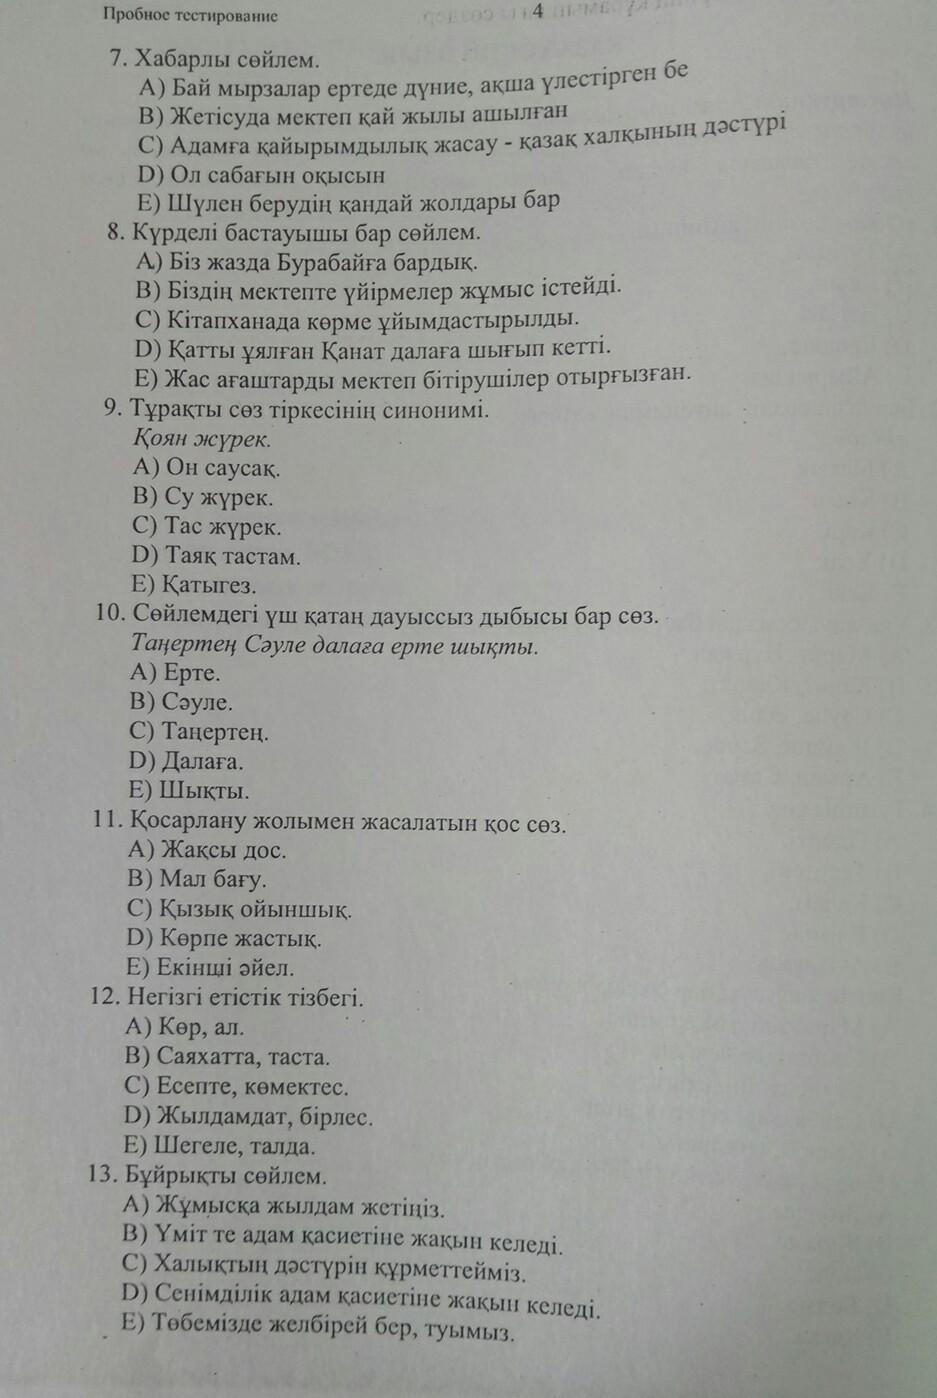 Помогите пожалуйста Казахский язык 9 класс За ранее спасибо))